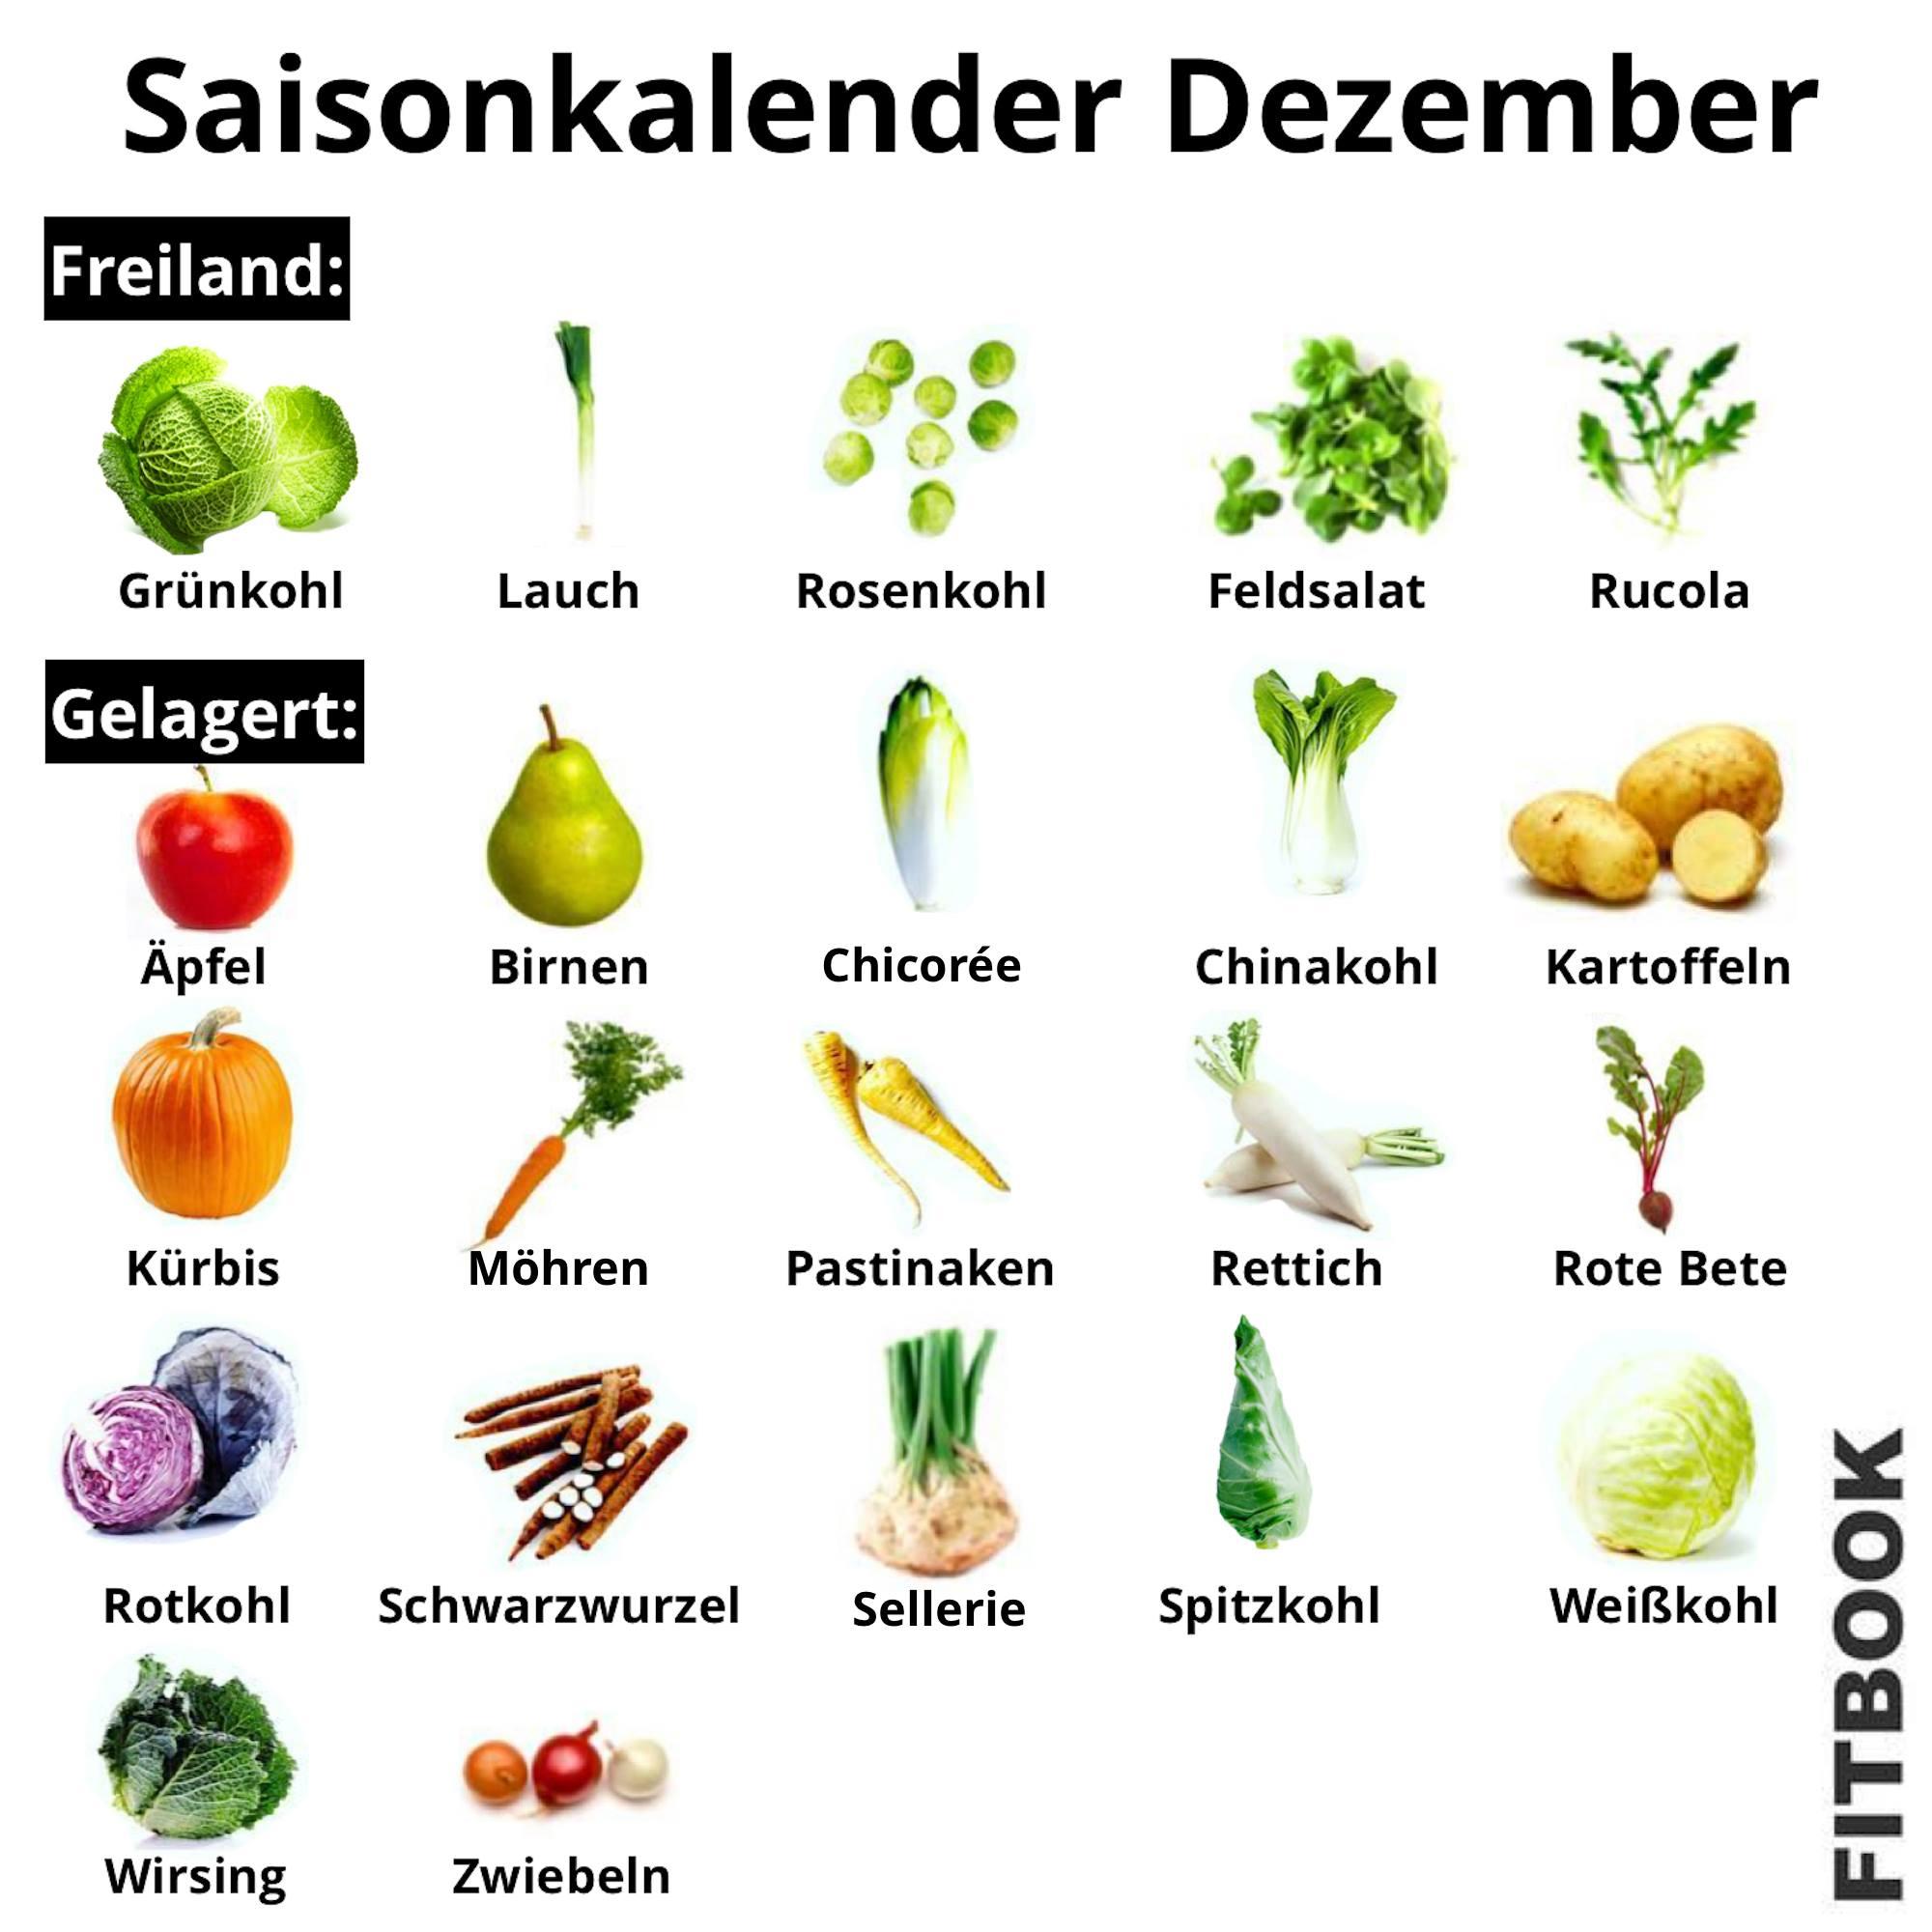 Saisonkalender Dezember